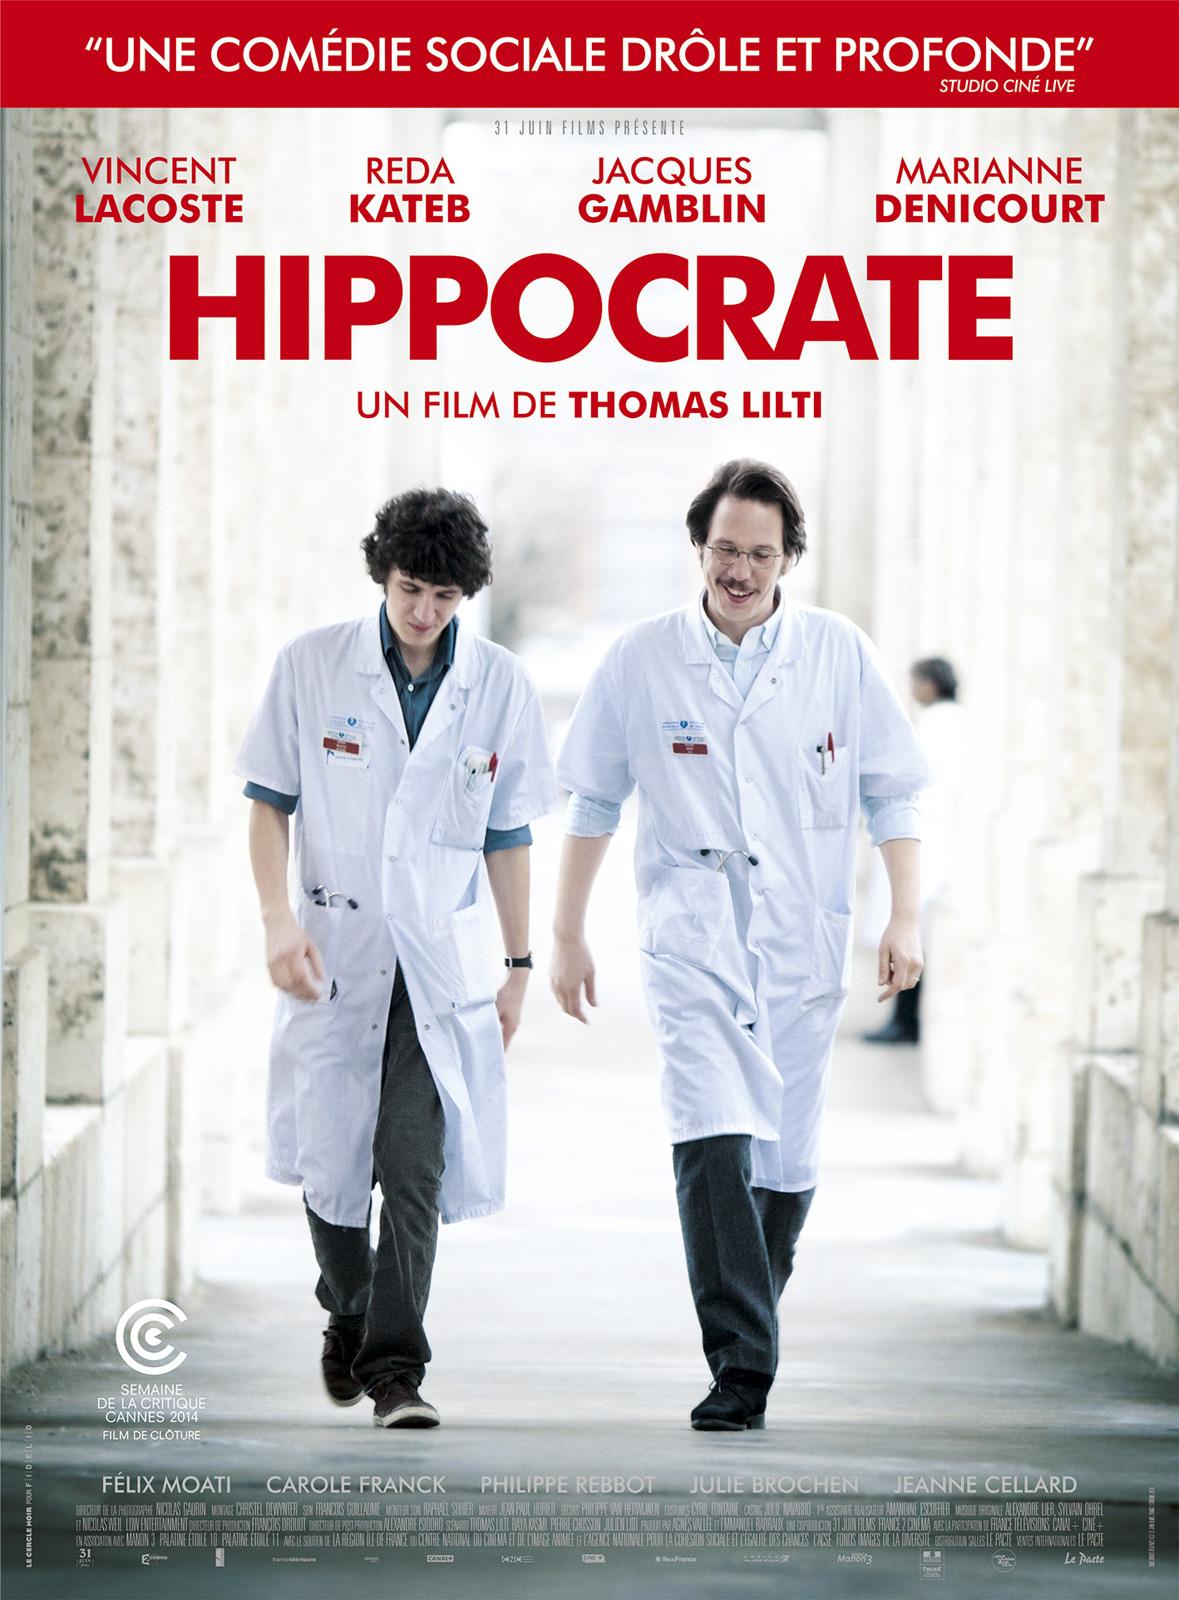 Achat Hippocrate en DVD - AlloCiné